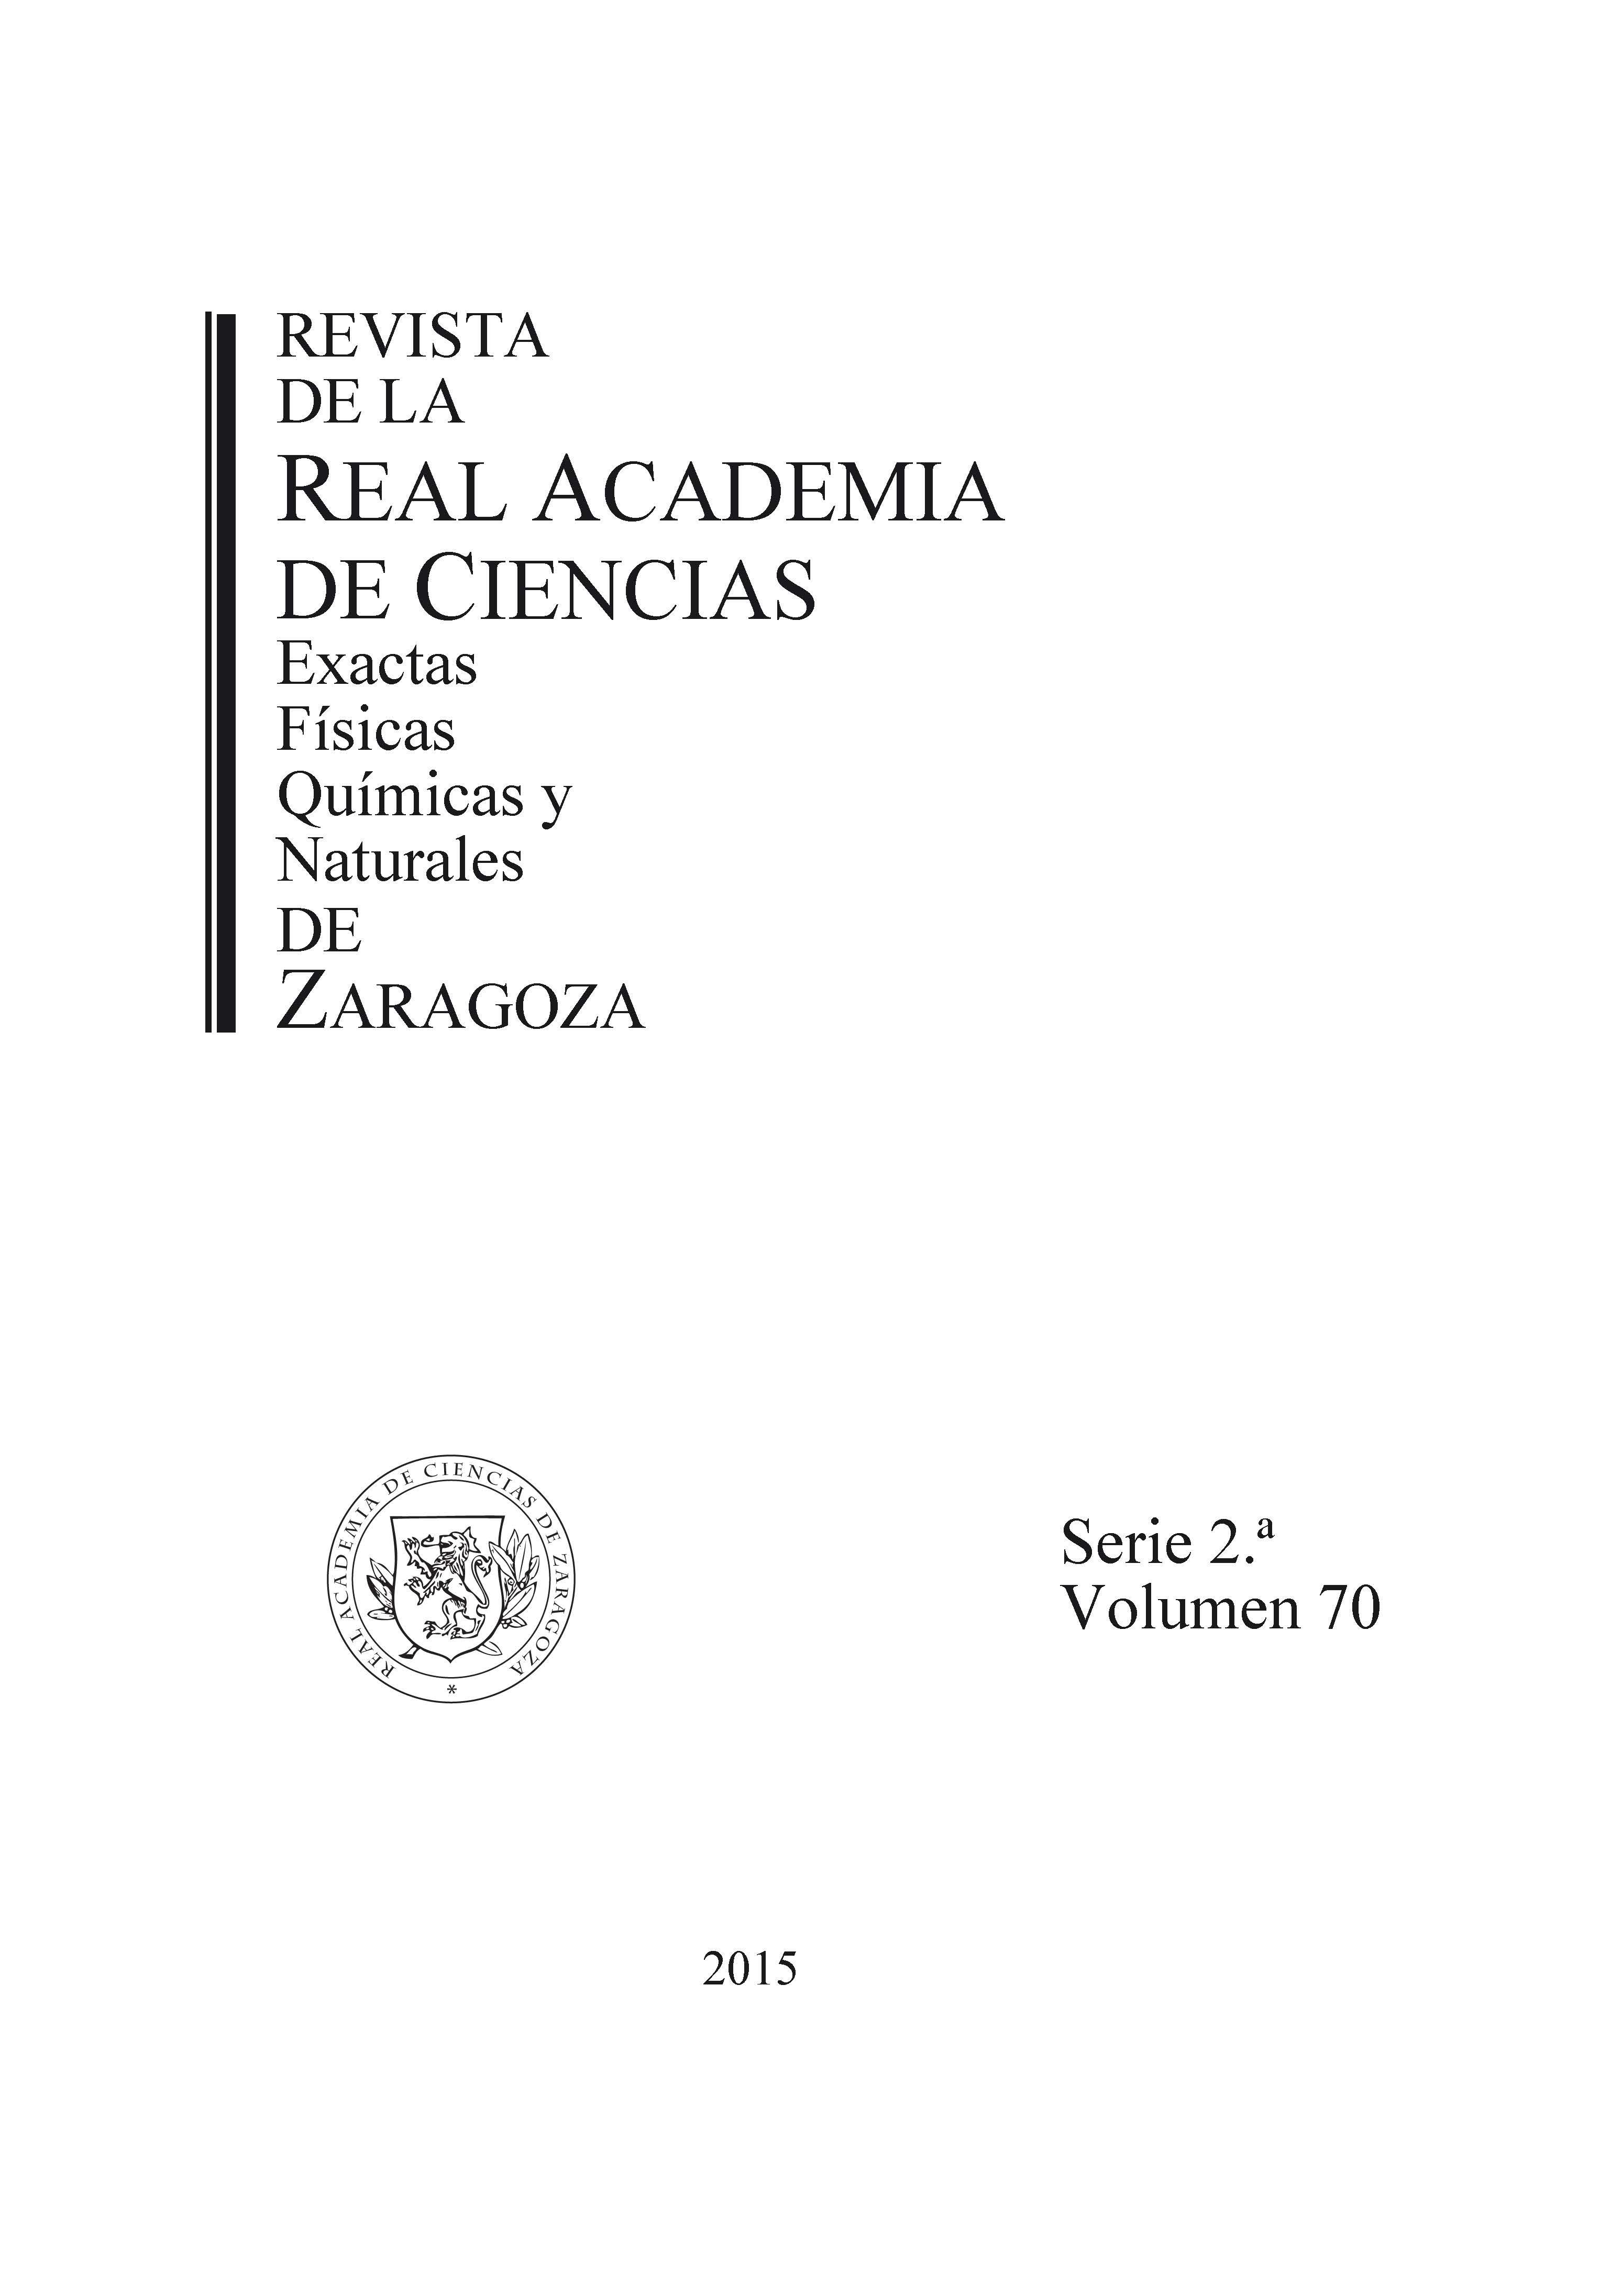 Revista de la Real Academia de Ciencias de Zaragoza